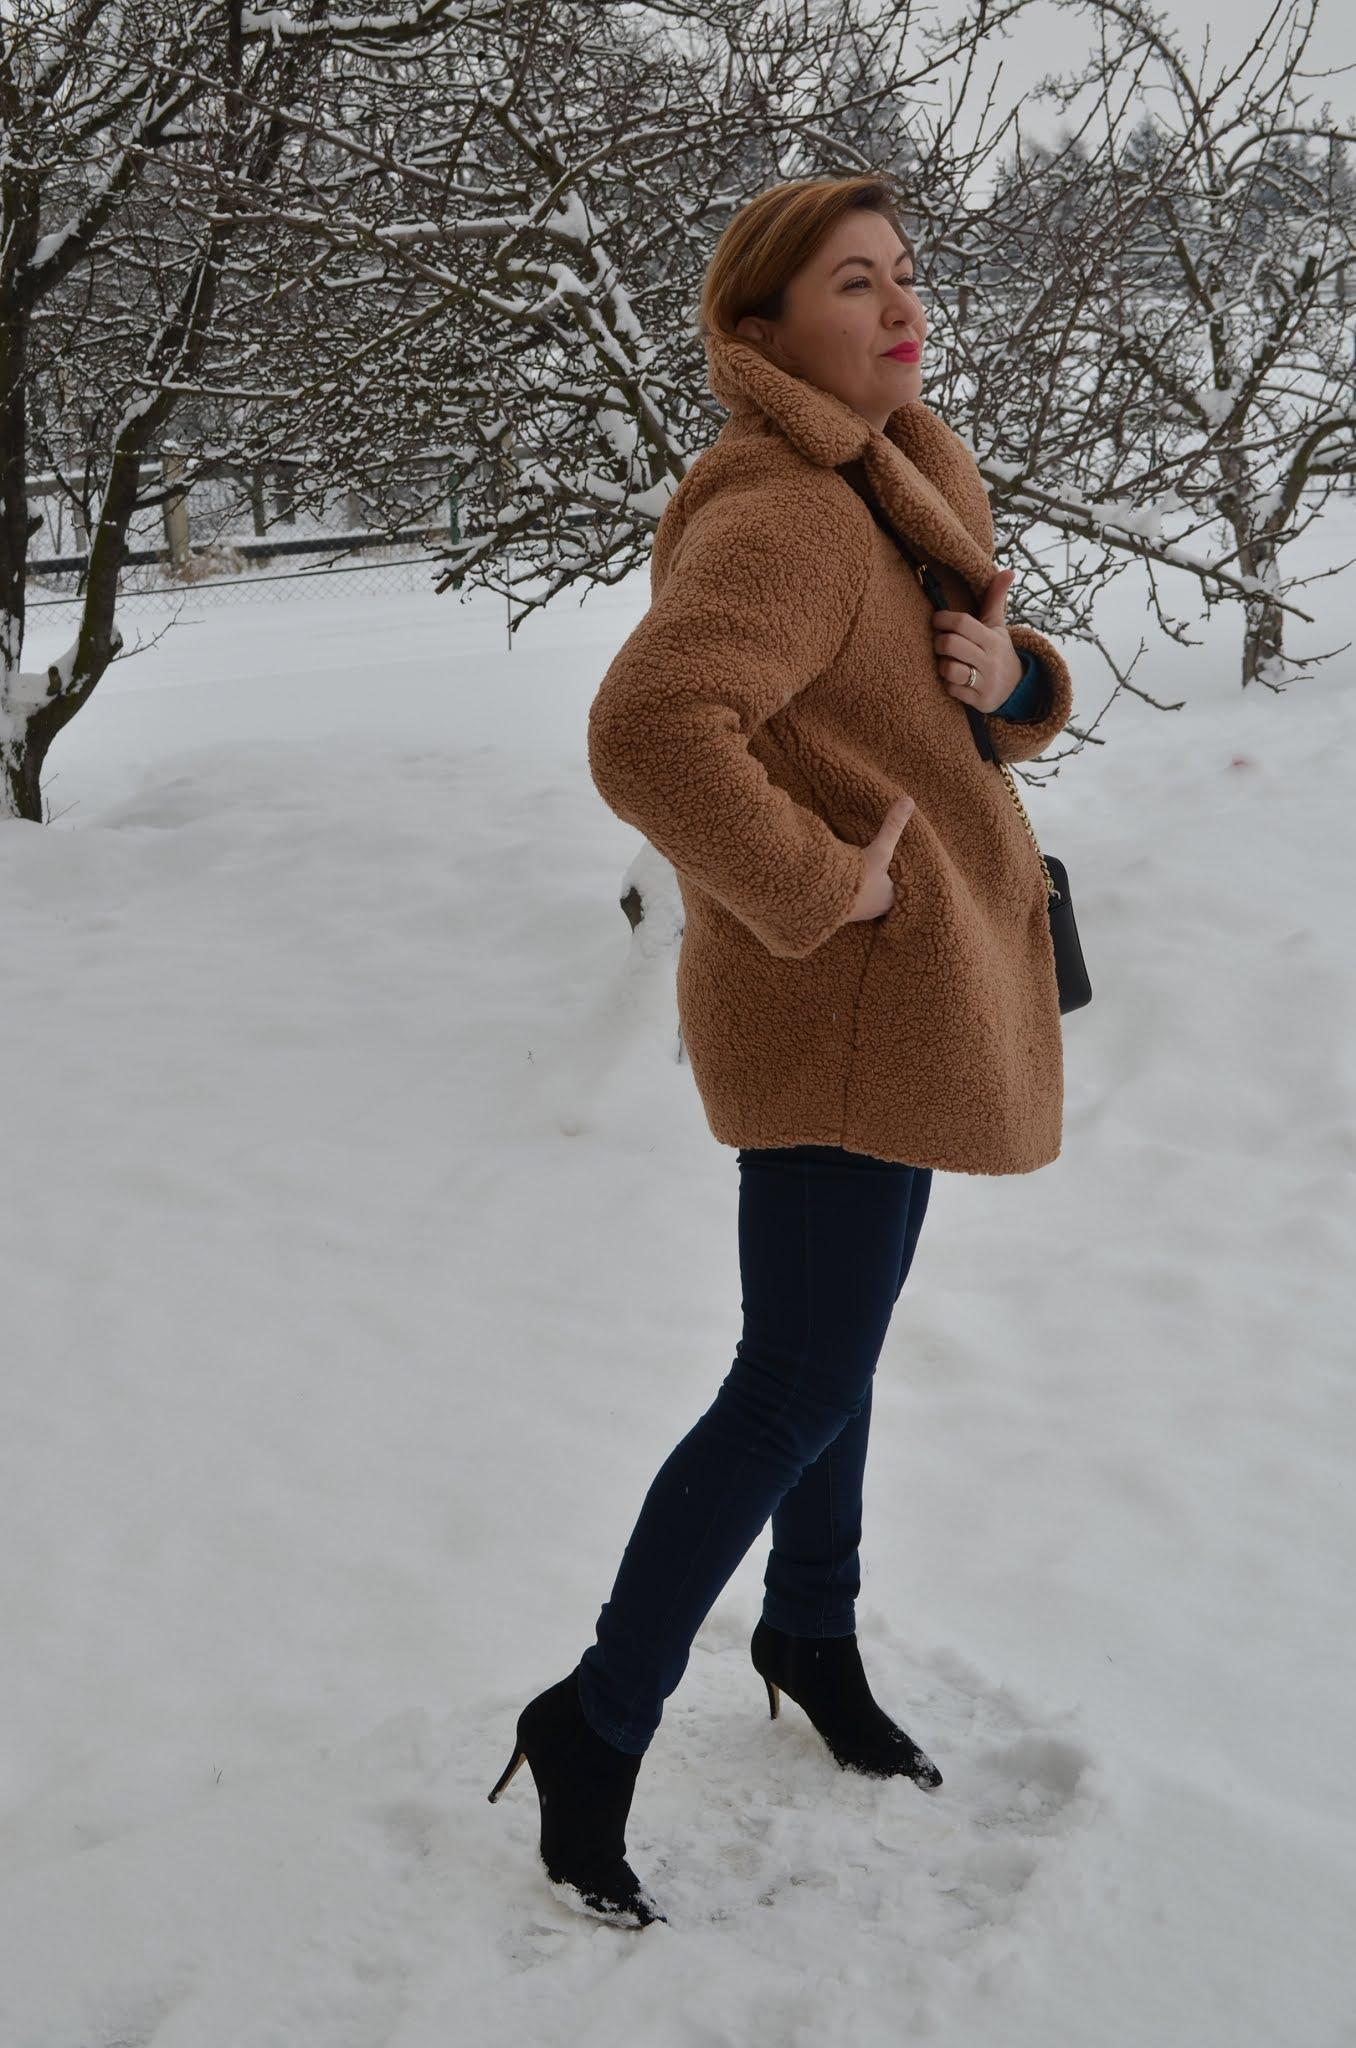 Beżowy płaszcz, płaszcz Teddy, Teddy Coat; Baranek, Płaszcz Laurella, blogerka 40+, Zimowa stylizacja, krótki baranek